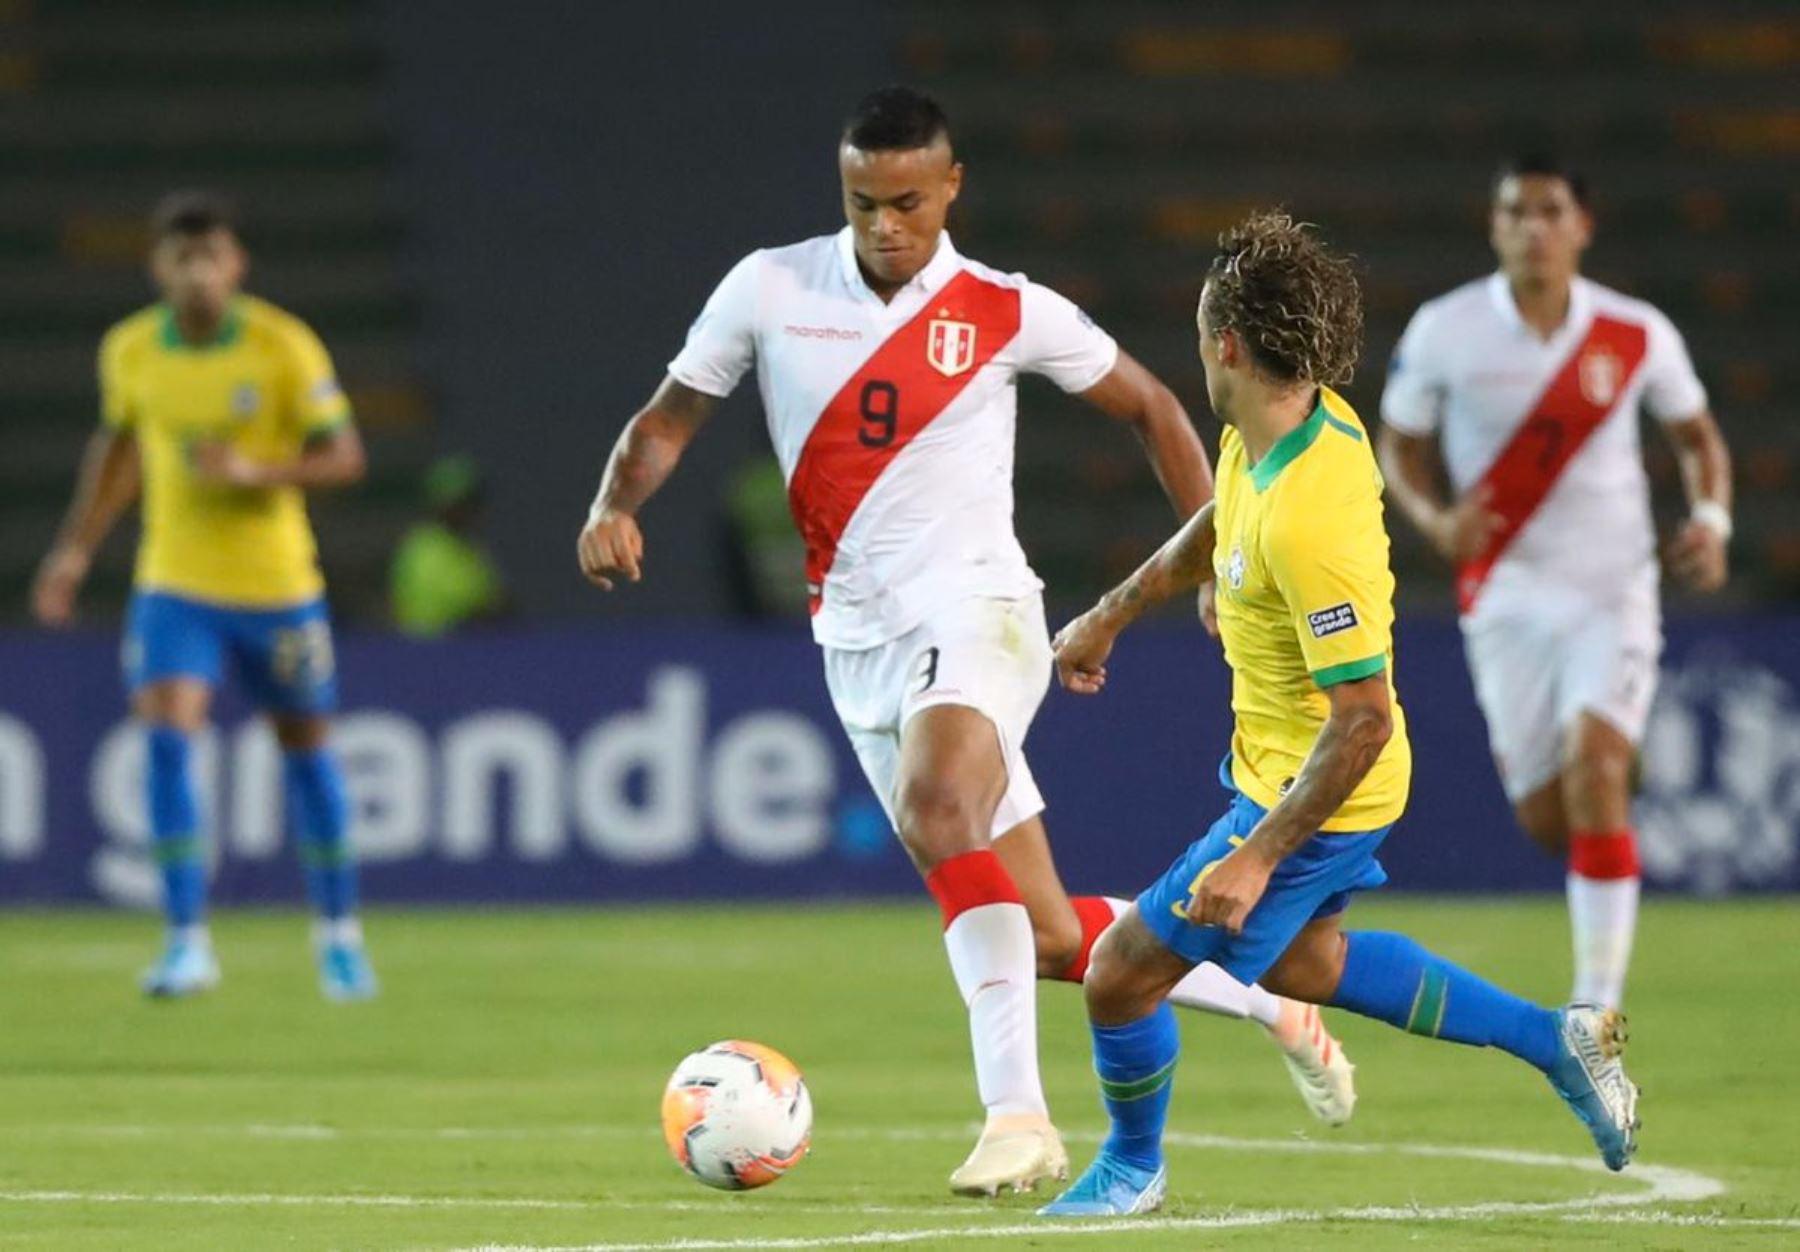 La selección peruana buscará levantarse ante Paraguay, el próximo sábado 25 de enero